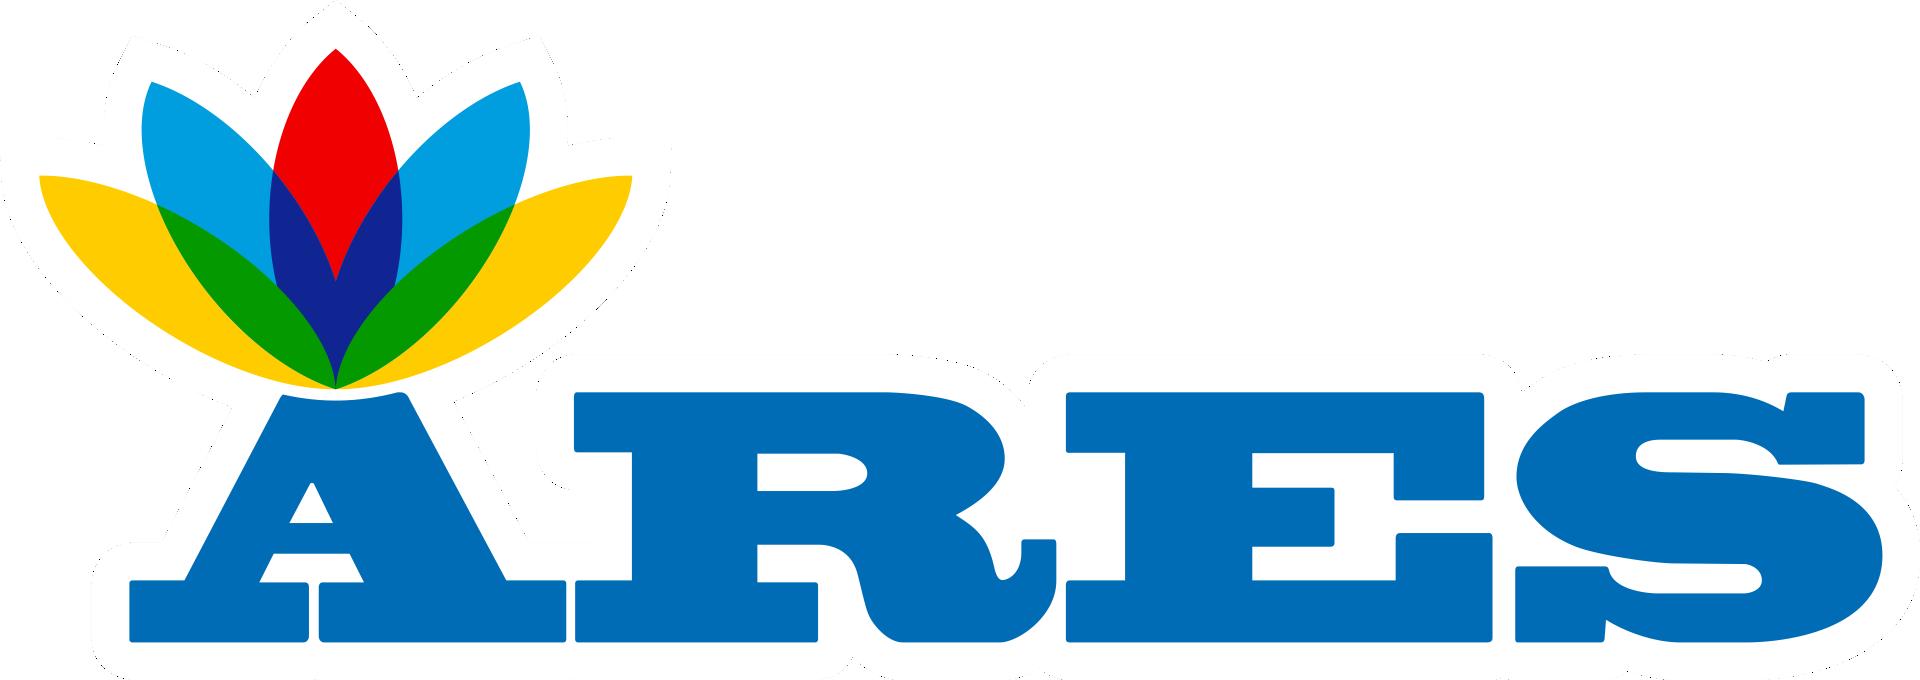 Logo w formacie PNG z przezroczystym tłem